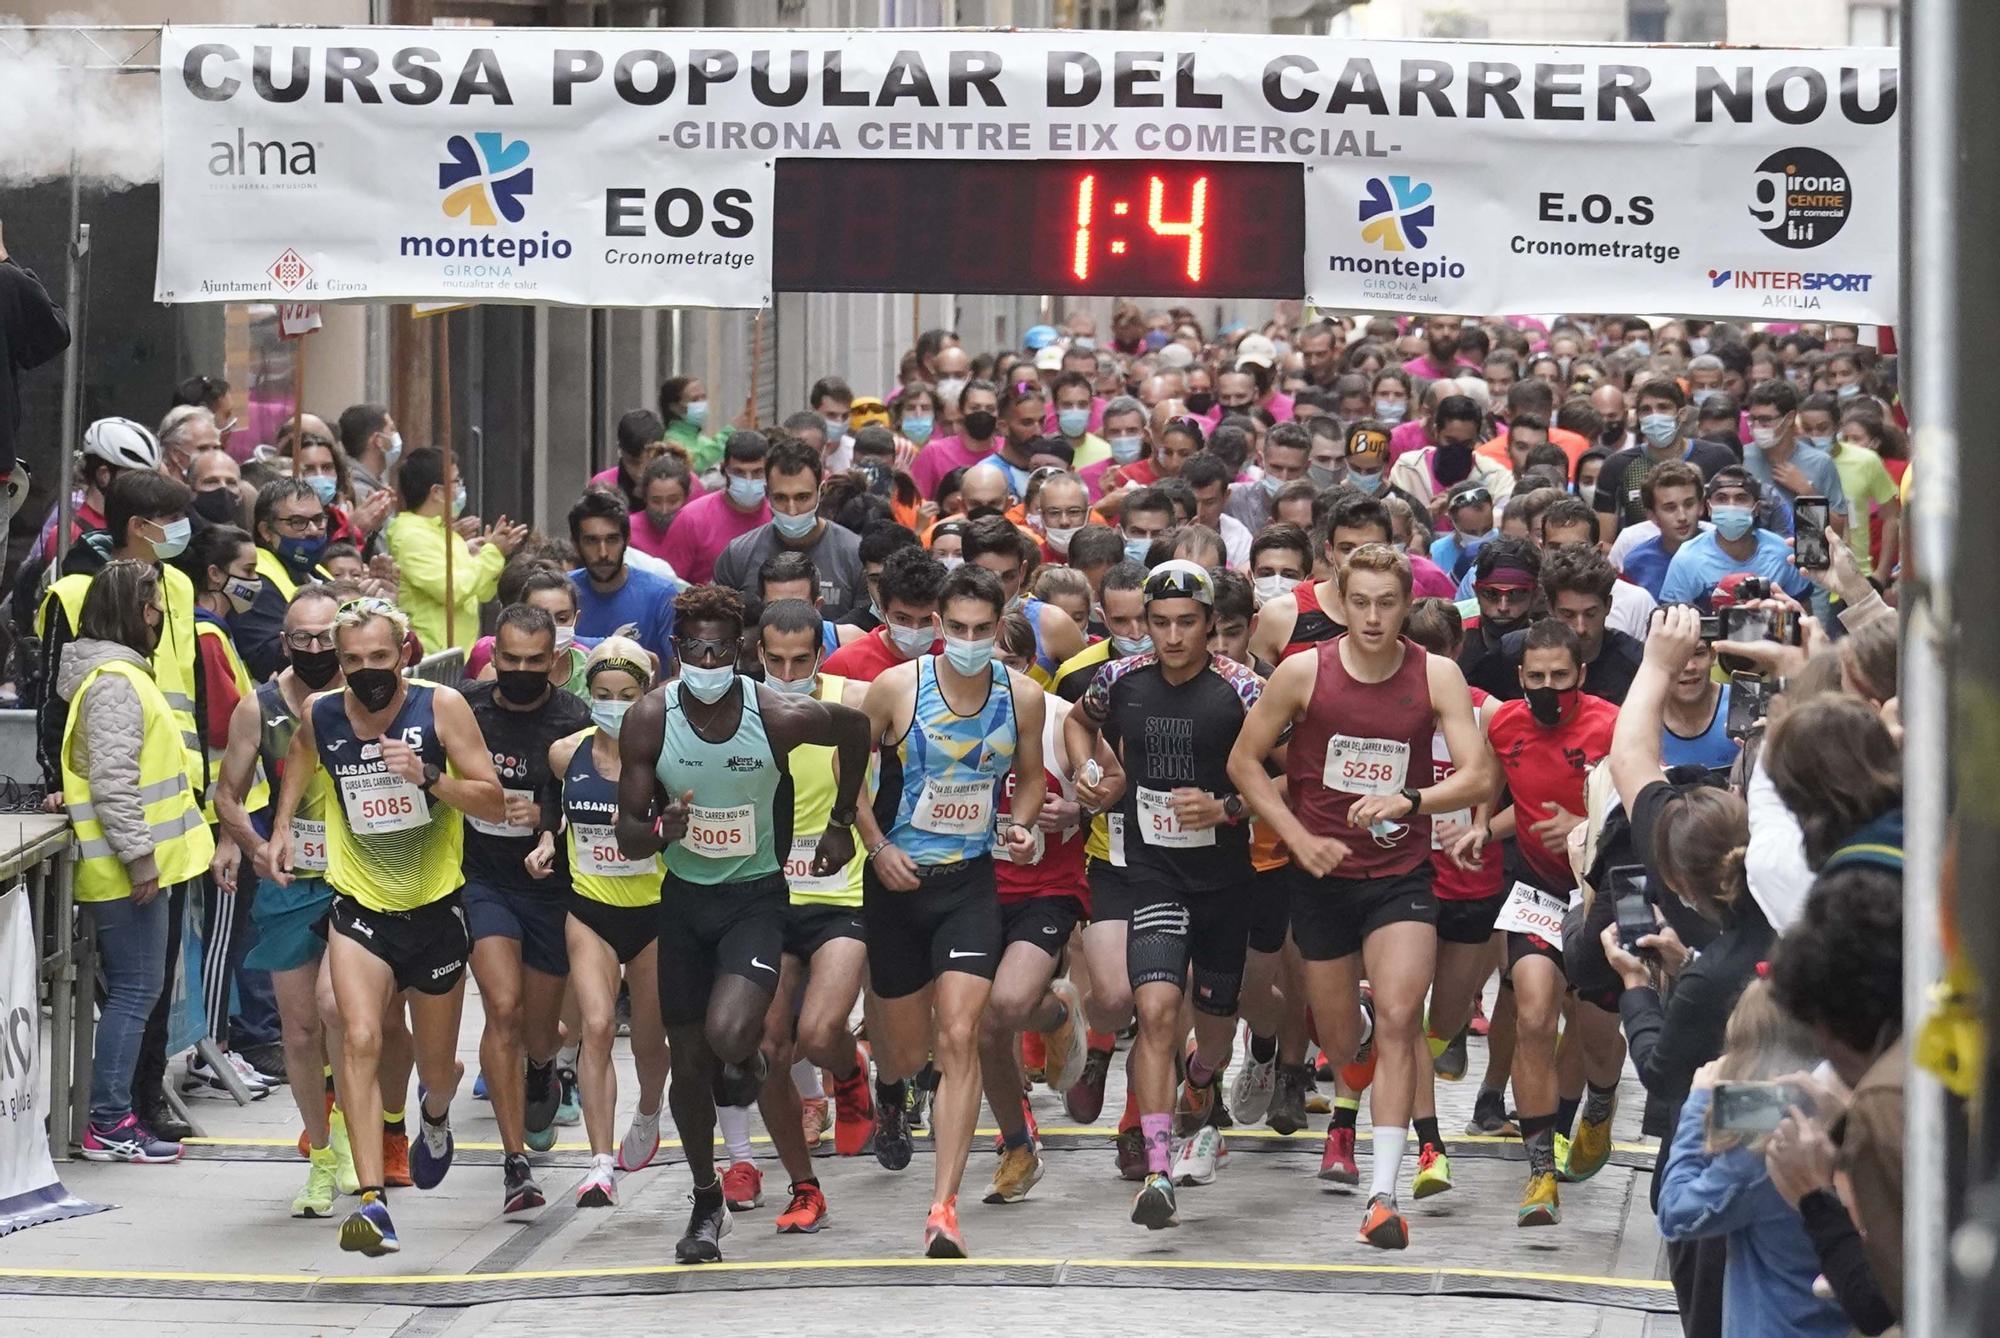 Cursa del Carrer Nou de Girona 2021